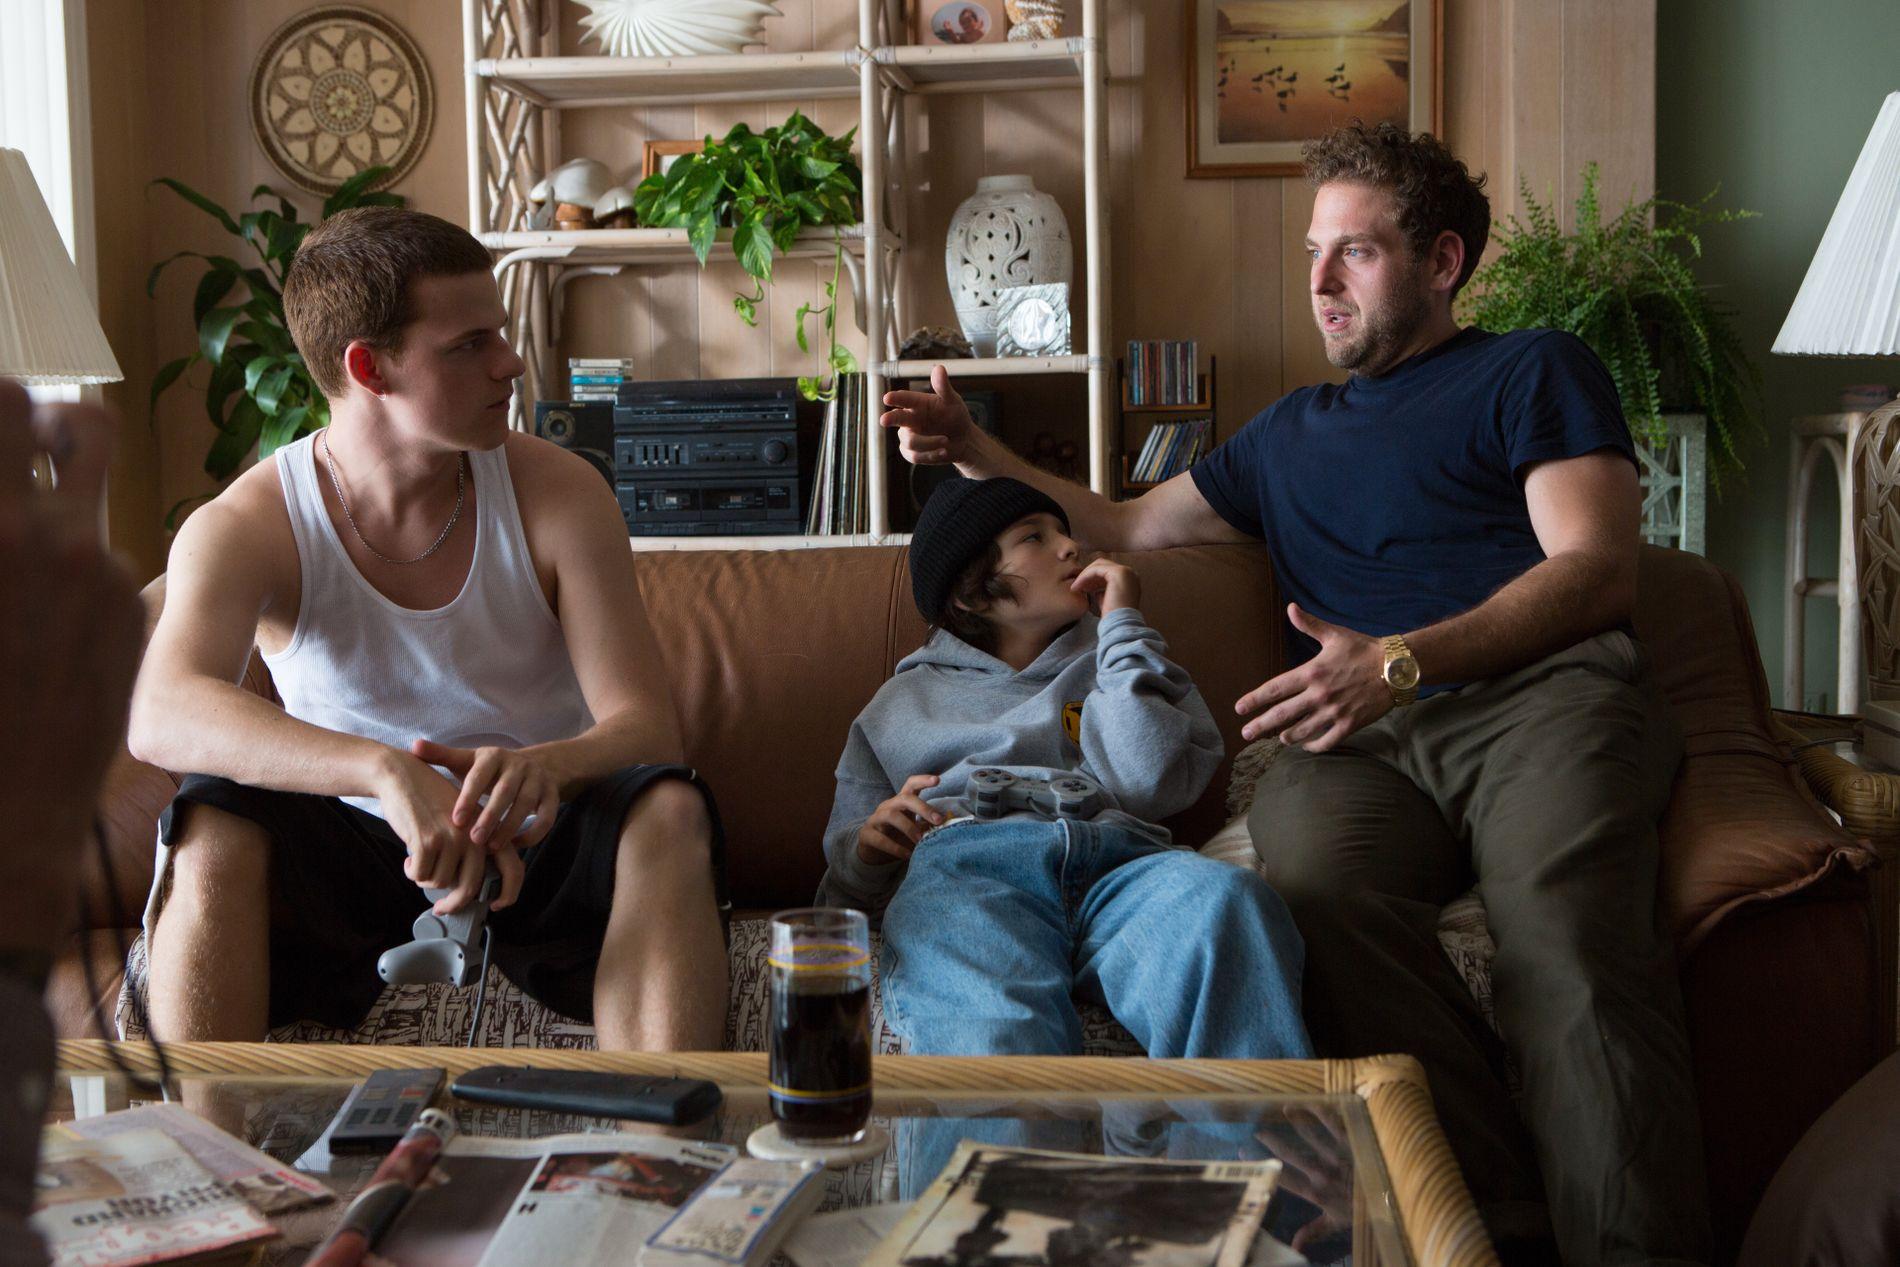 NÅ OGSÅ BAK KAMERAET: Jonah Hill (til høyre) instruerer Lucas Hedges of Sunny Suljic (i midten) i «Mid90s».